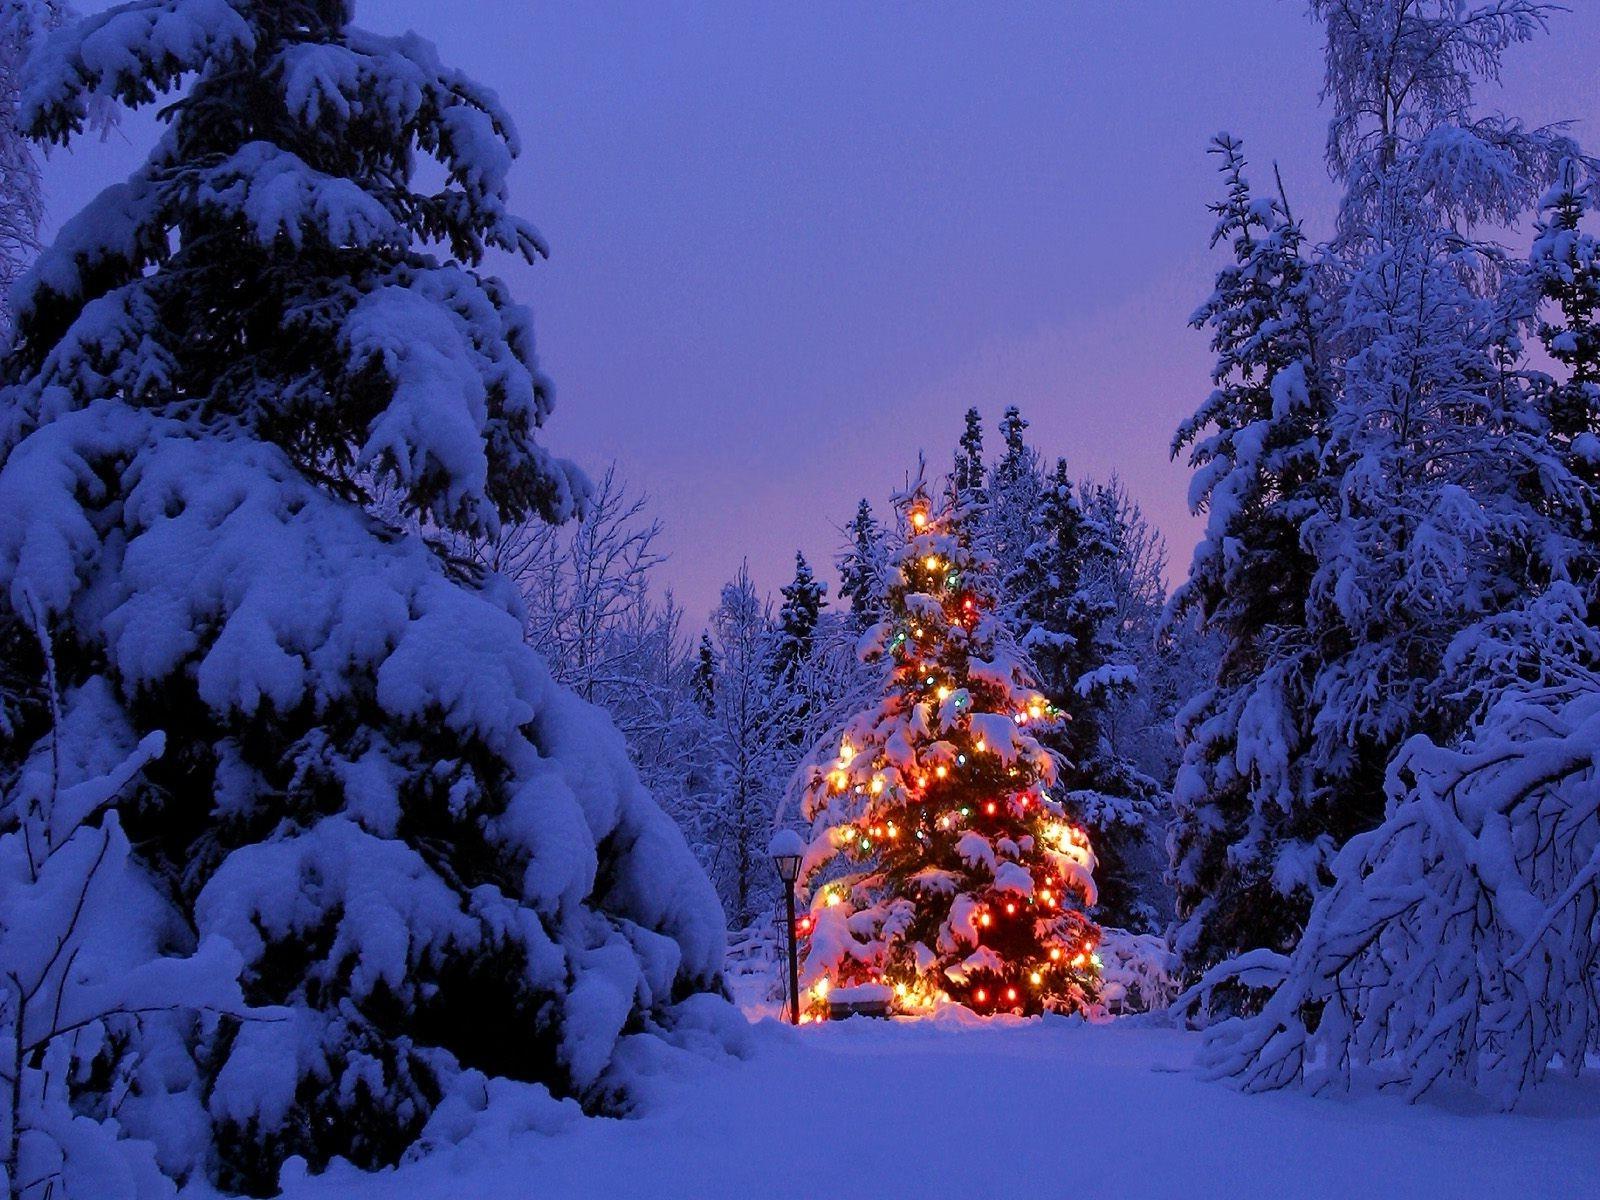 Hintergrundbilder : Landschaft, Wald, Nacht-, Natur, Himmel, Schnee ...